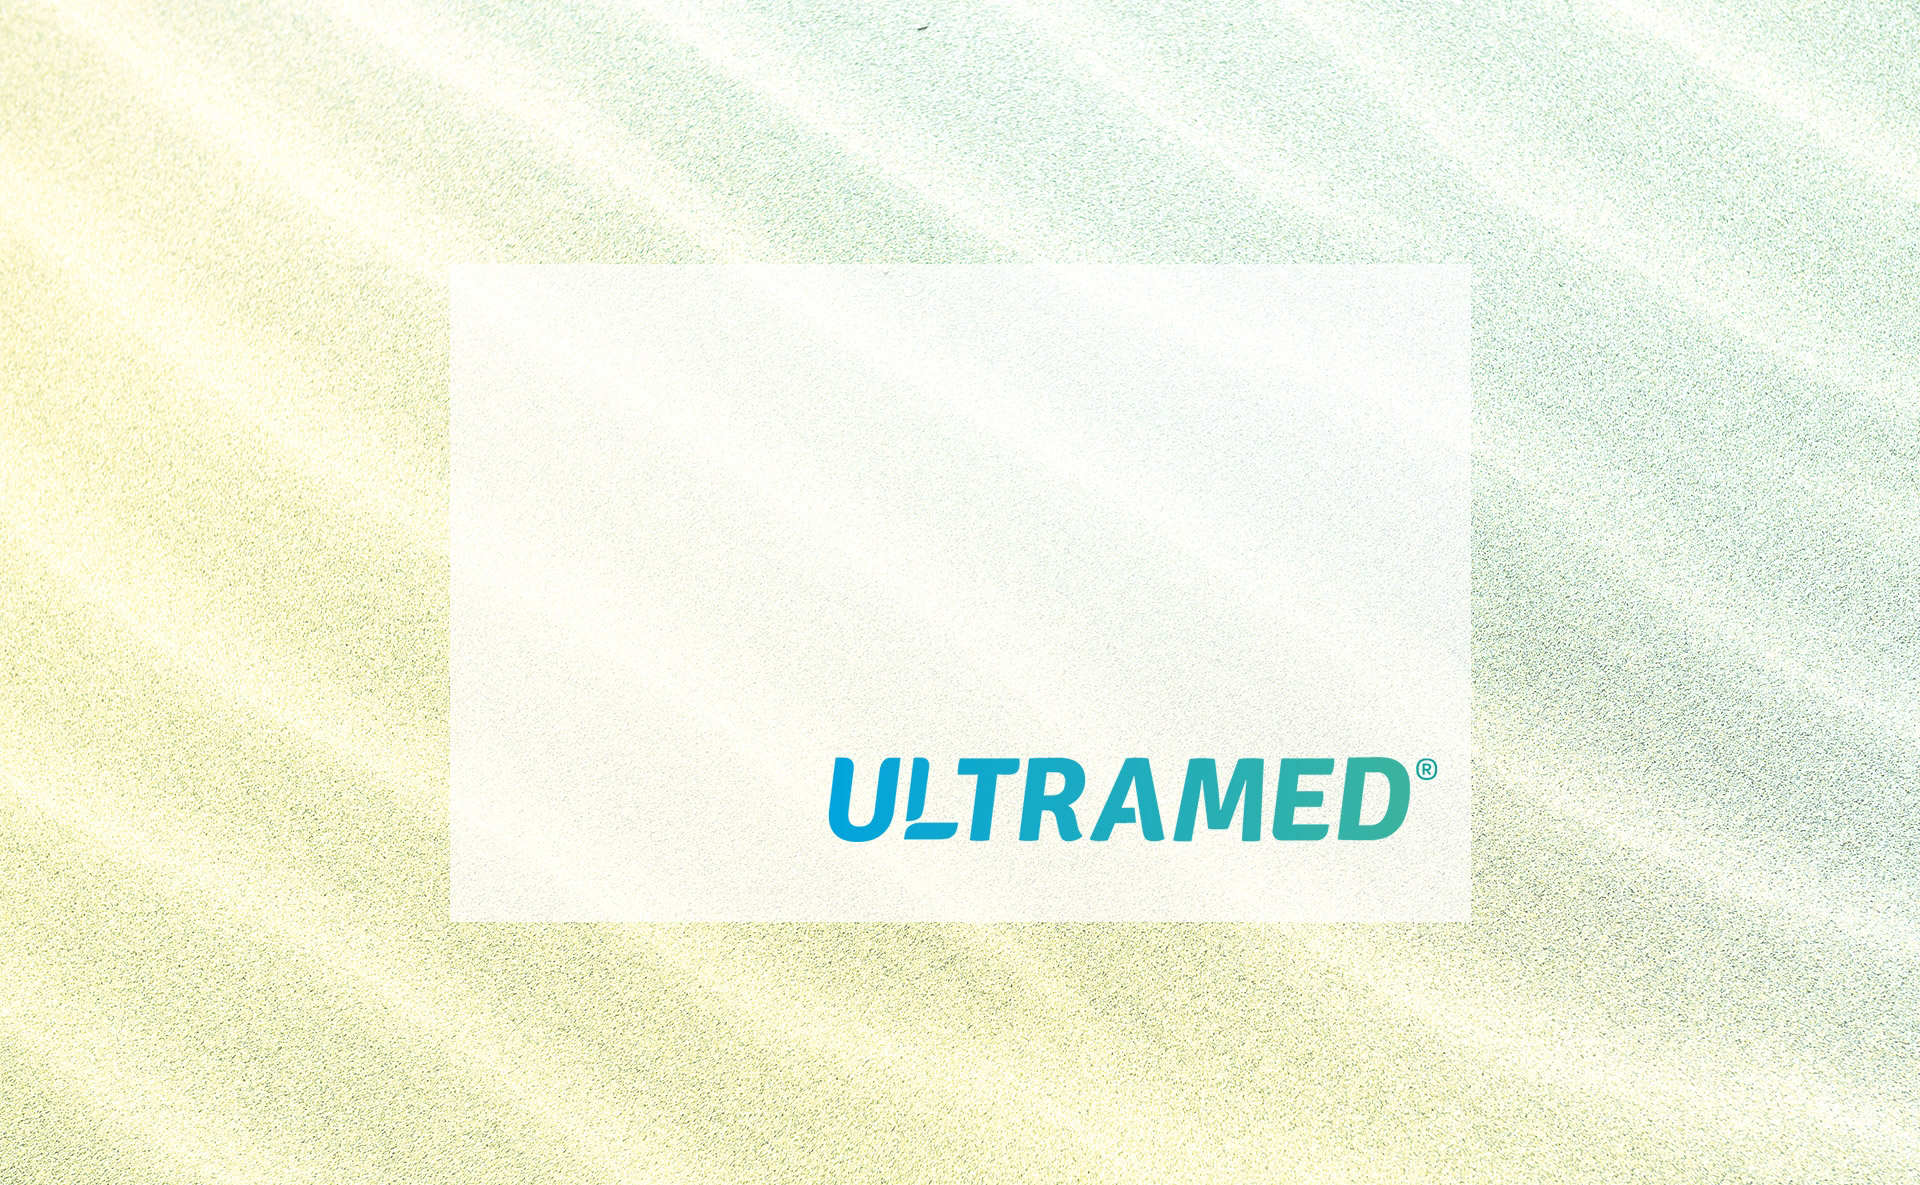 media/image/Startseite_Moodbild_Ultramed_1920x1185px.jpg